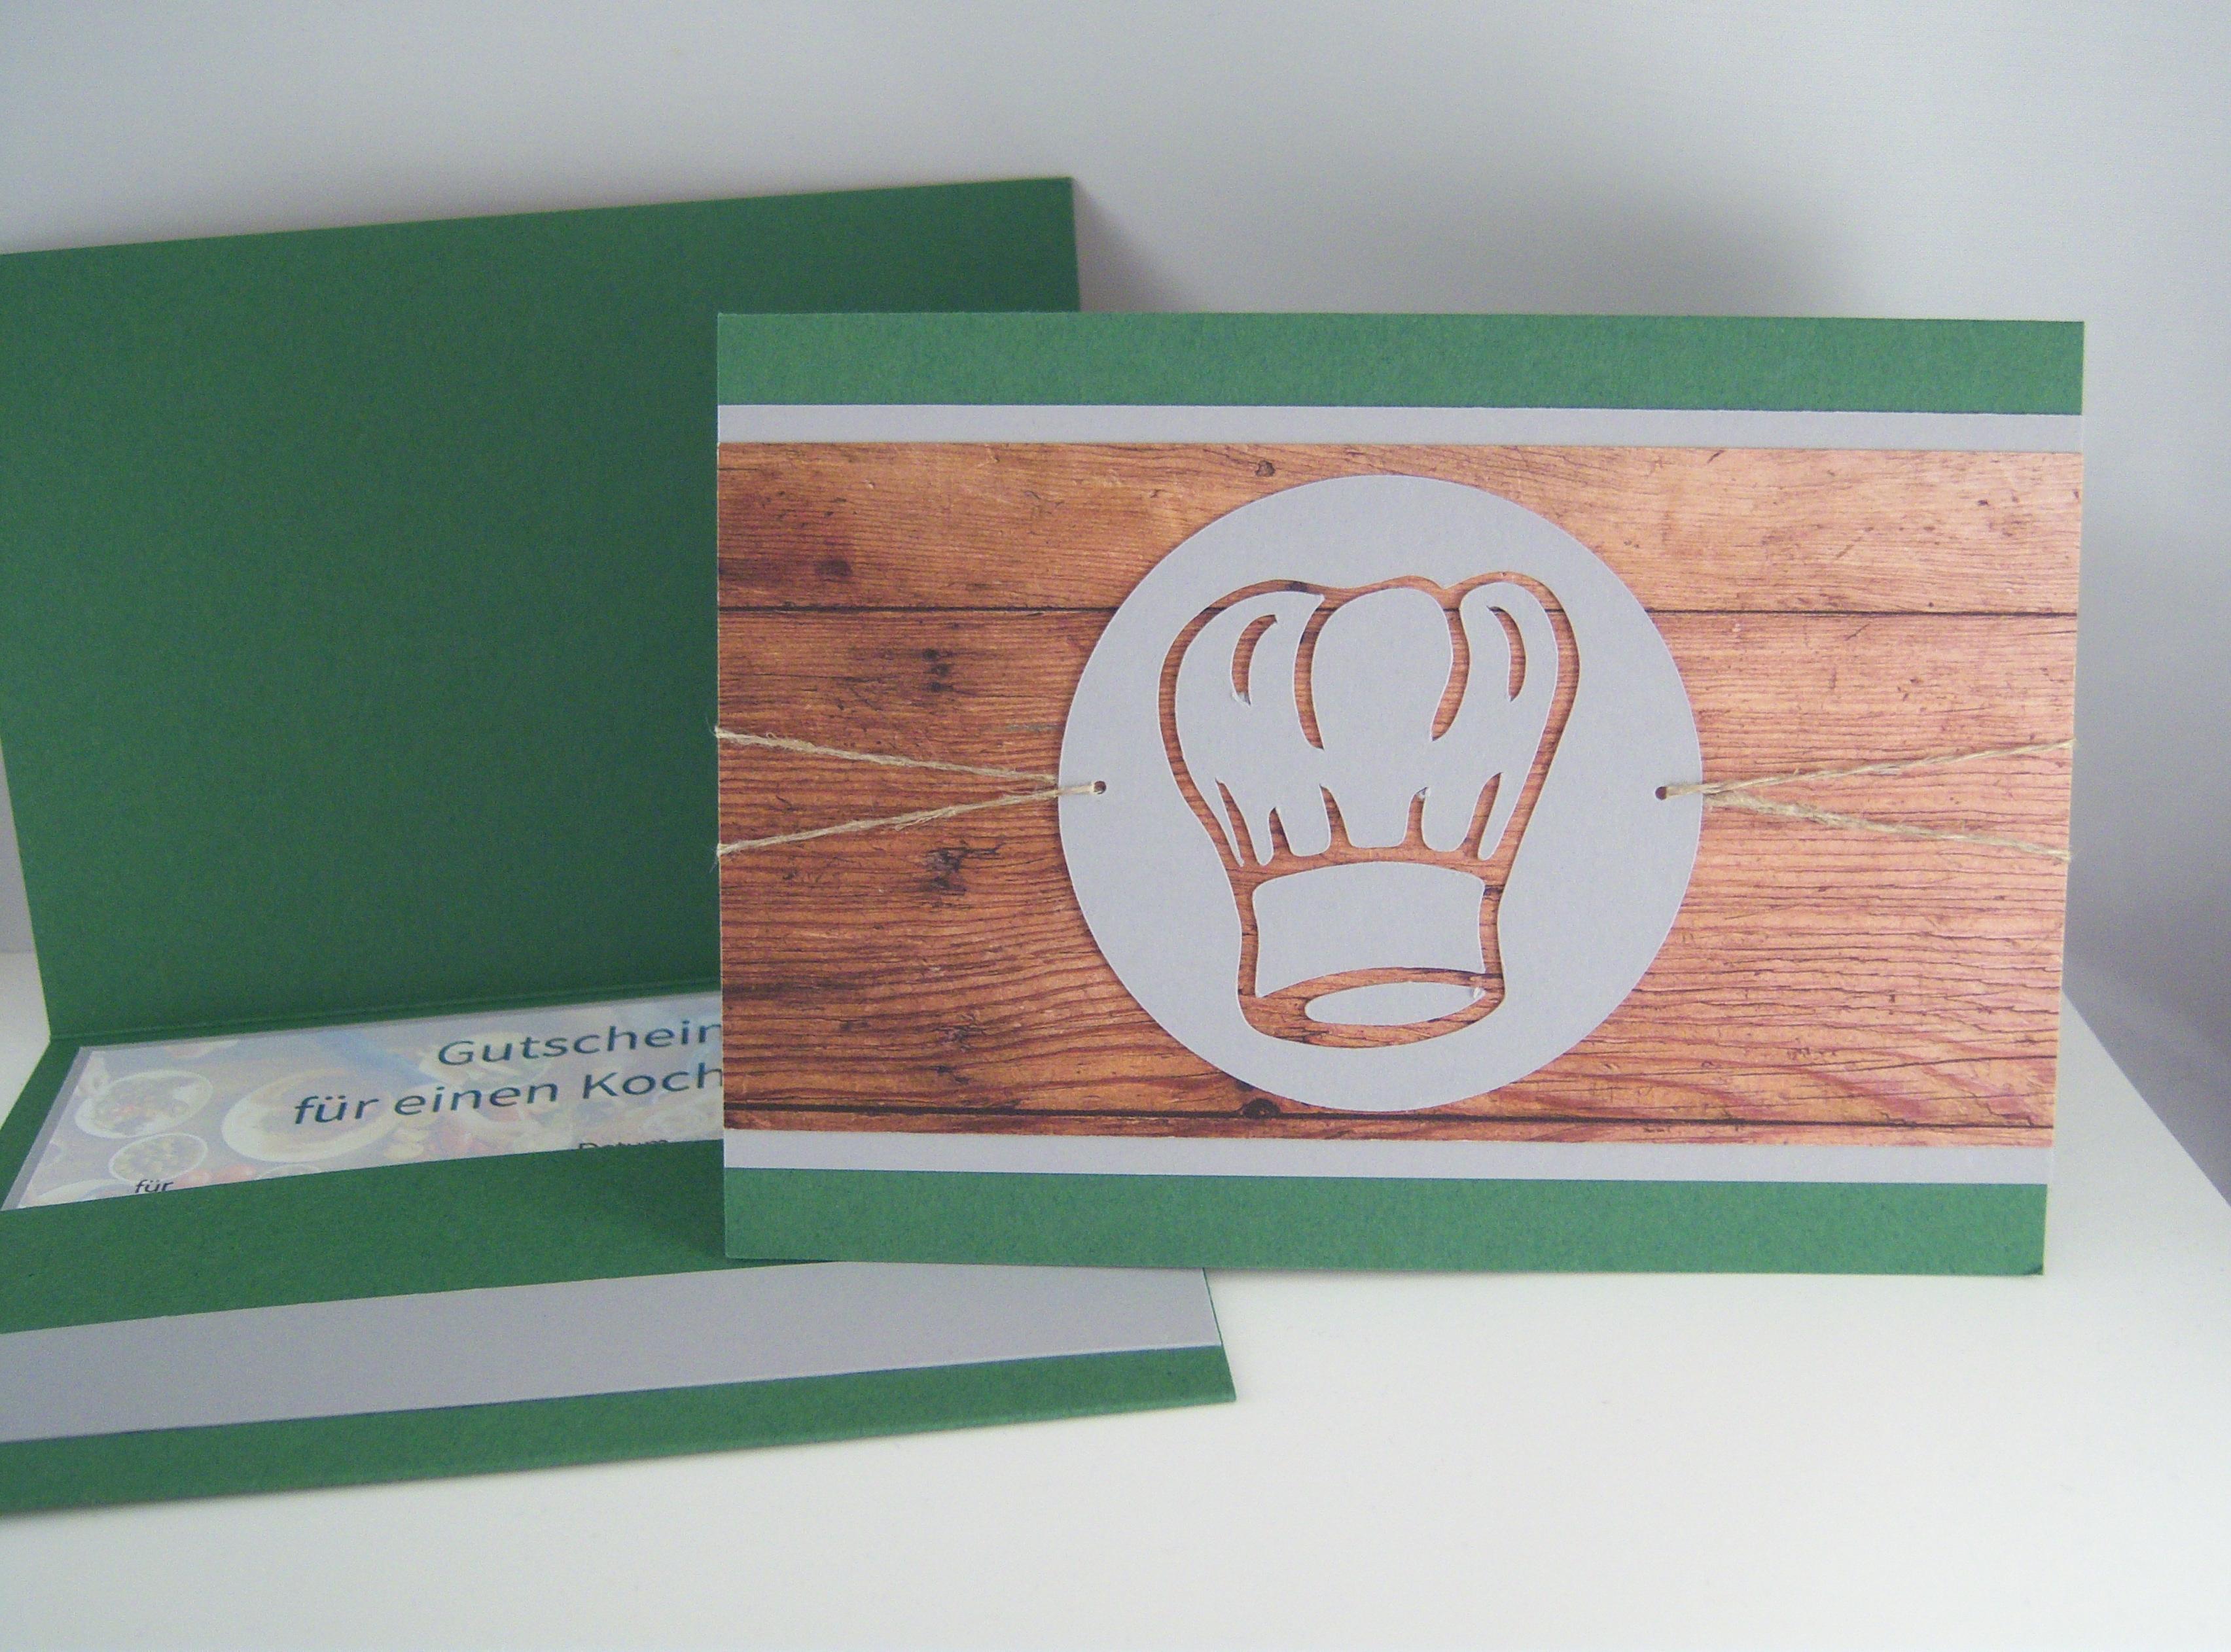 Sonstiges - Gutschein Kochmütze Bild 1